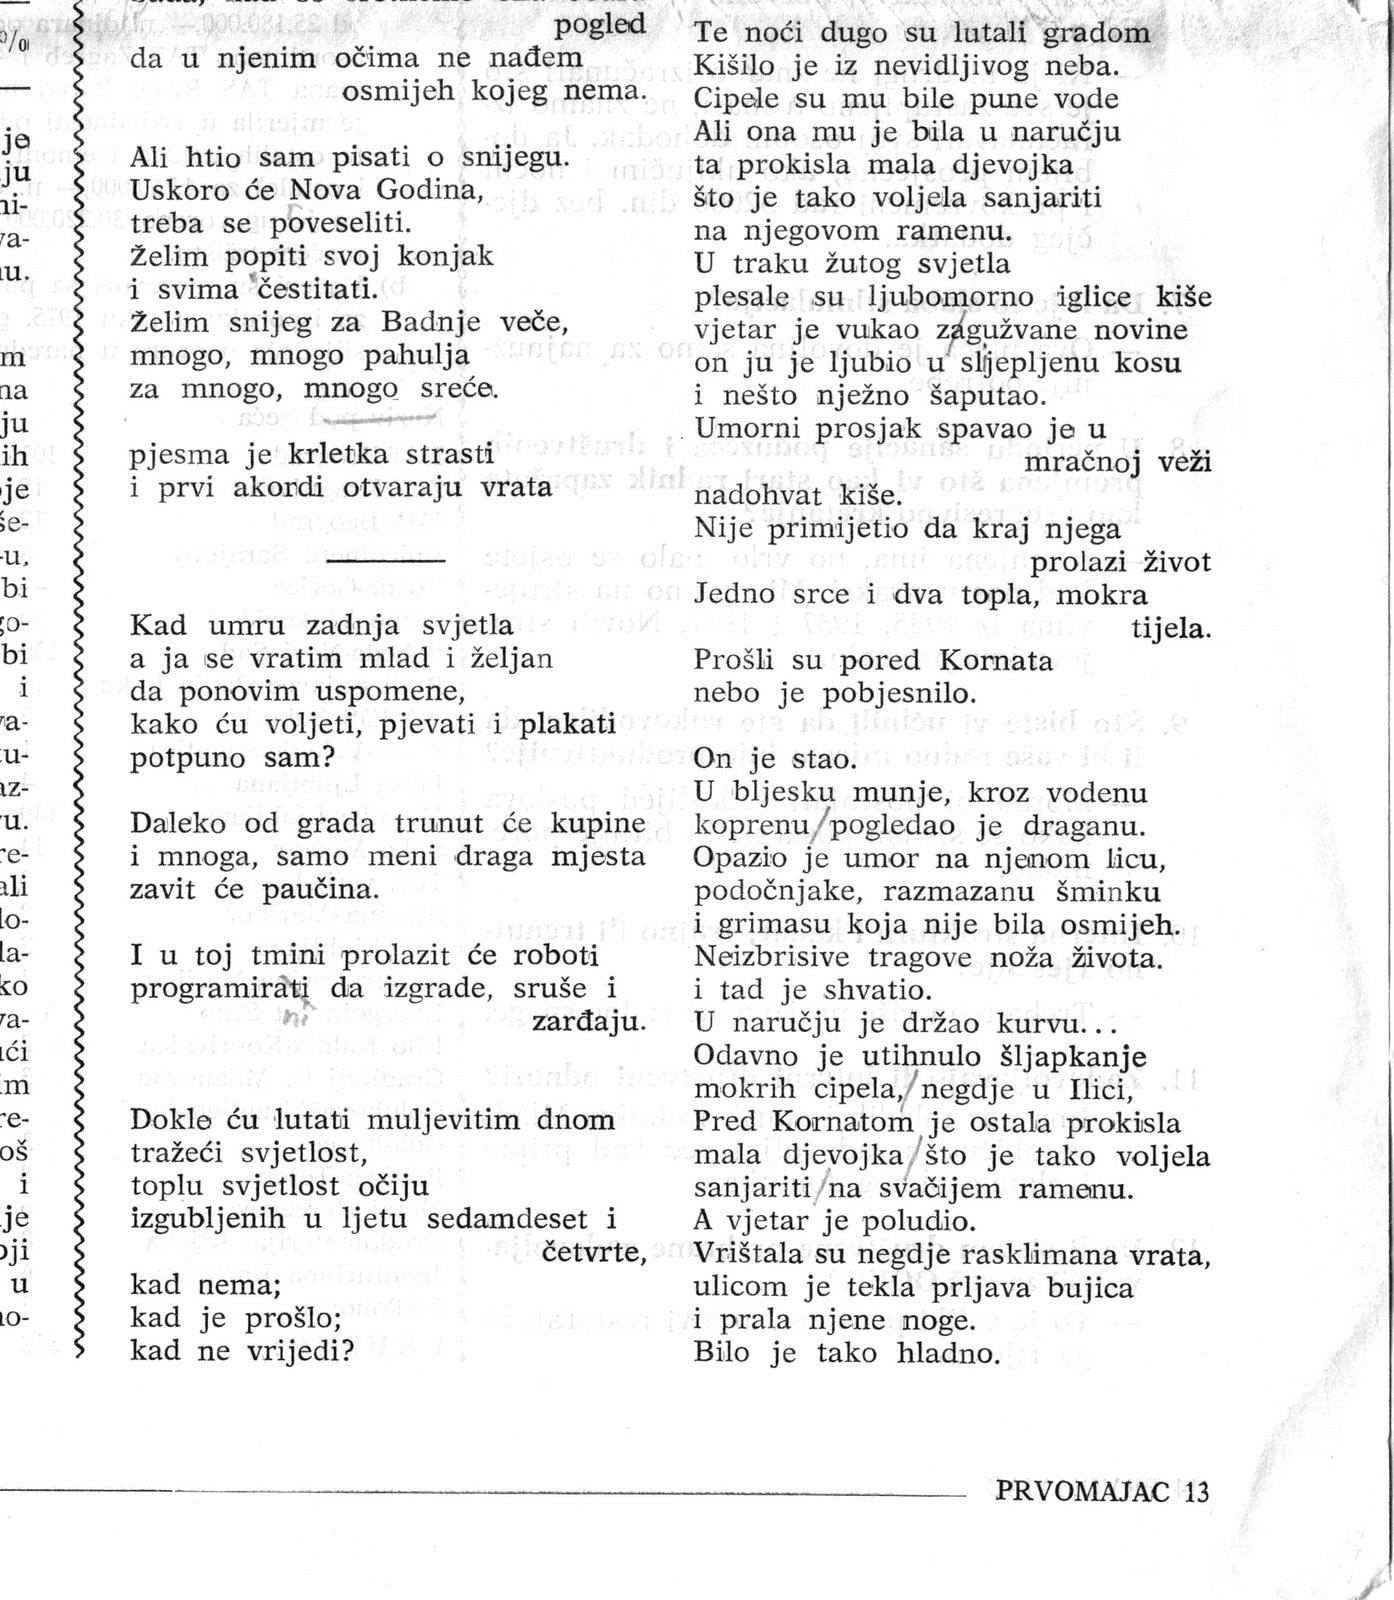 'Mladi pjesnici' - poezija Ivice Smoleca u novinama 1974. godine 2/2